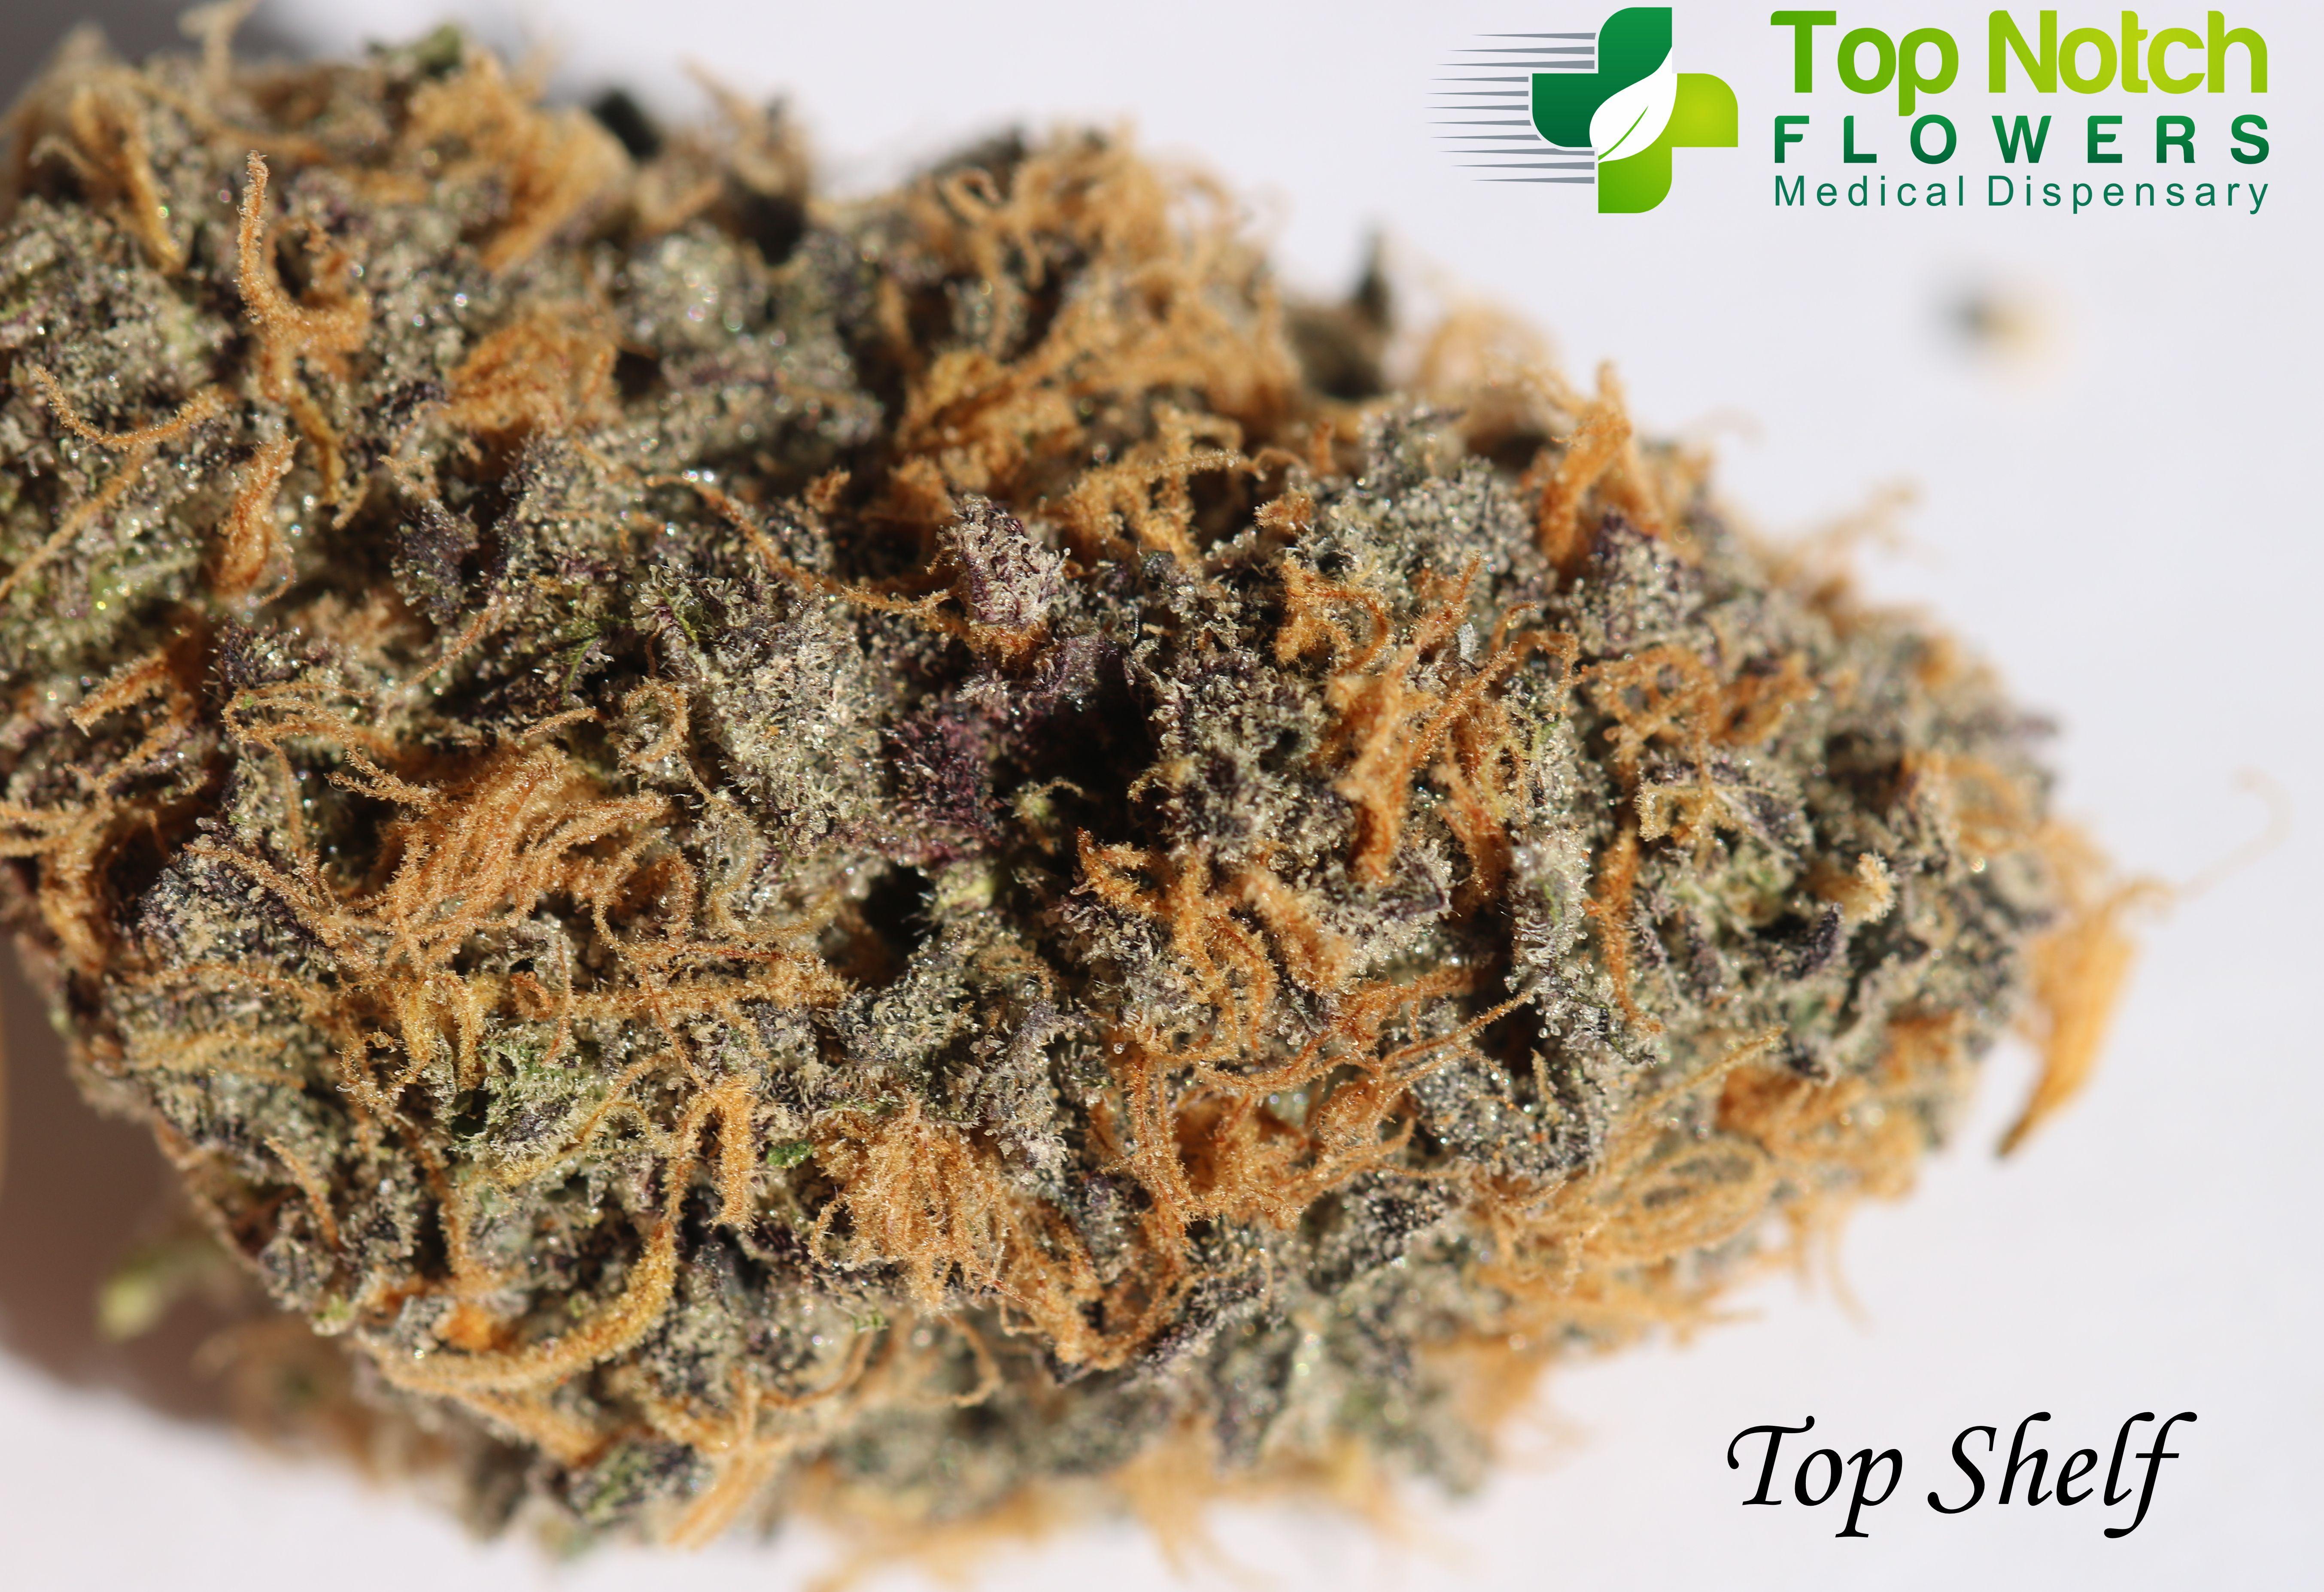 Top Shelf Granddaddy Purple